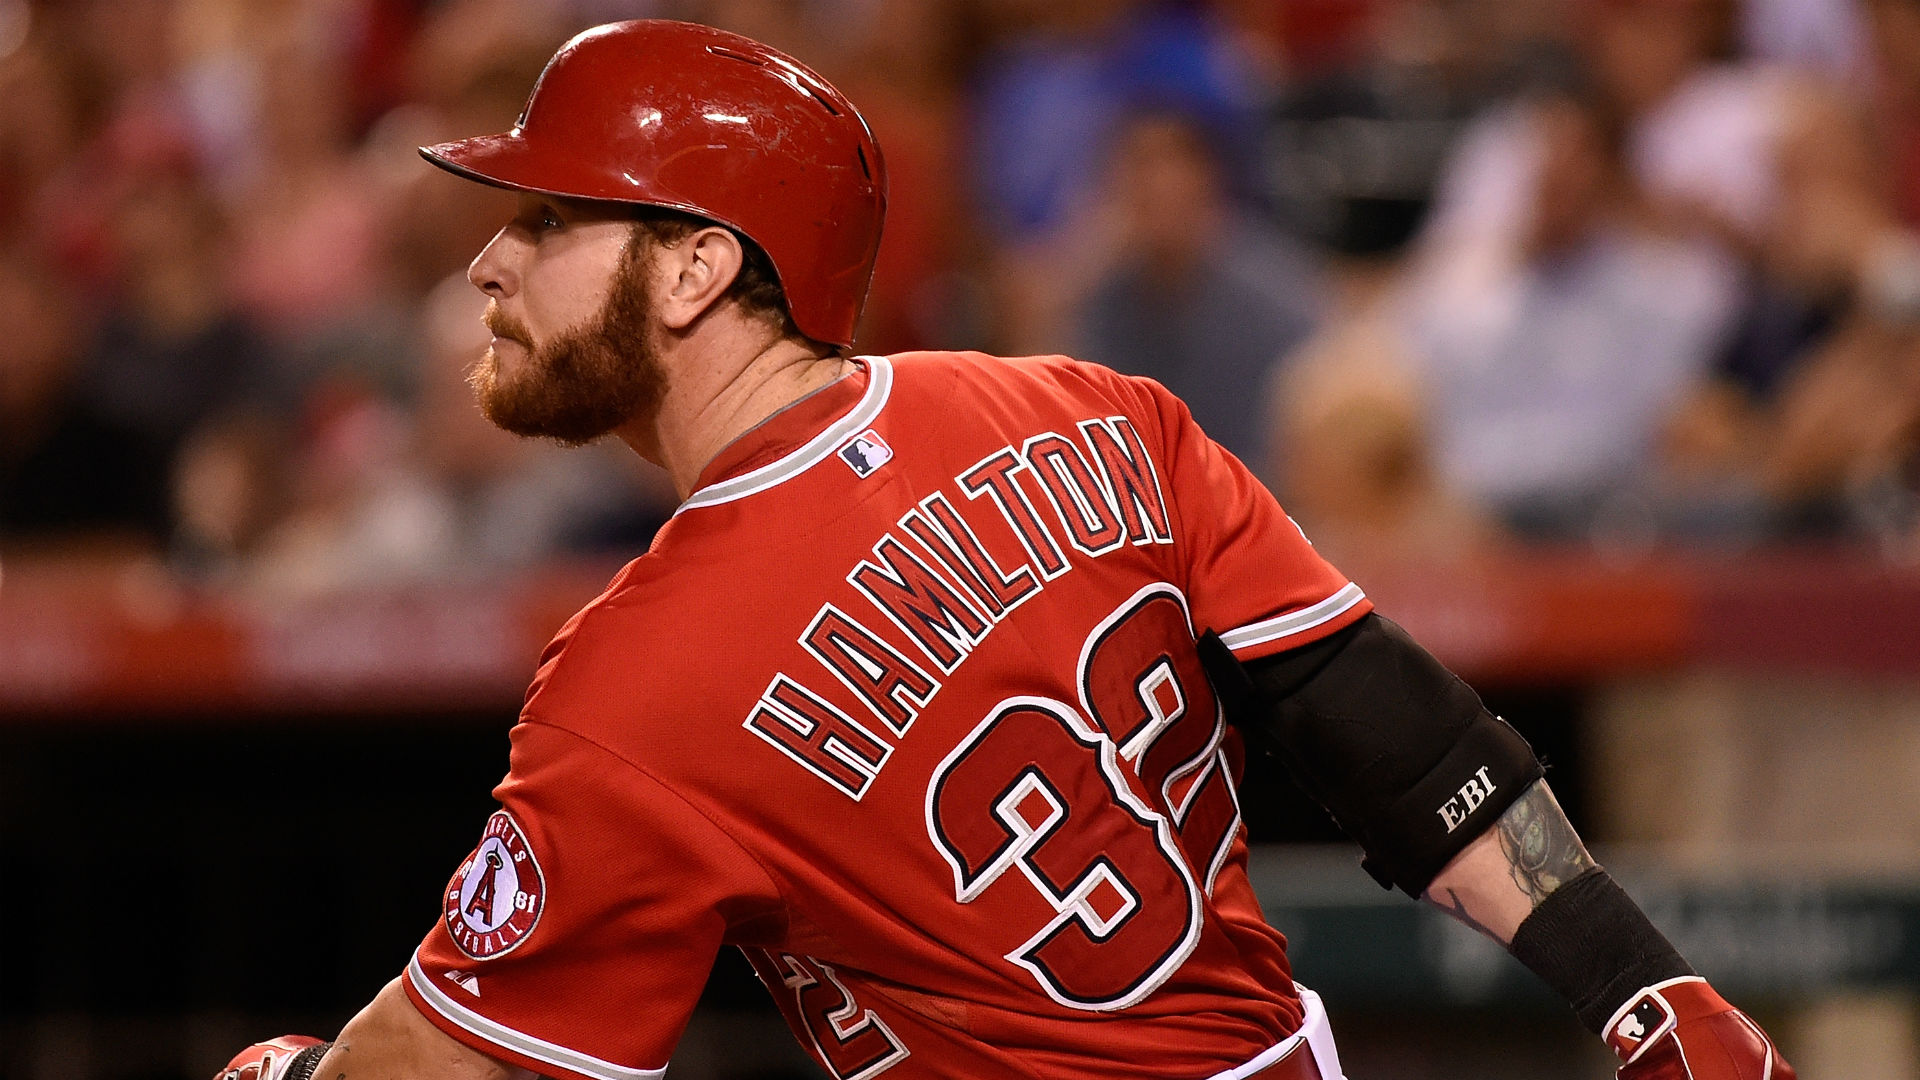 Angels outfielder Josh Hamilton